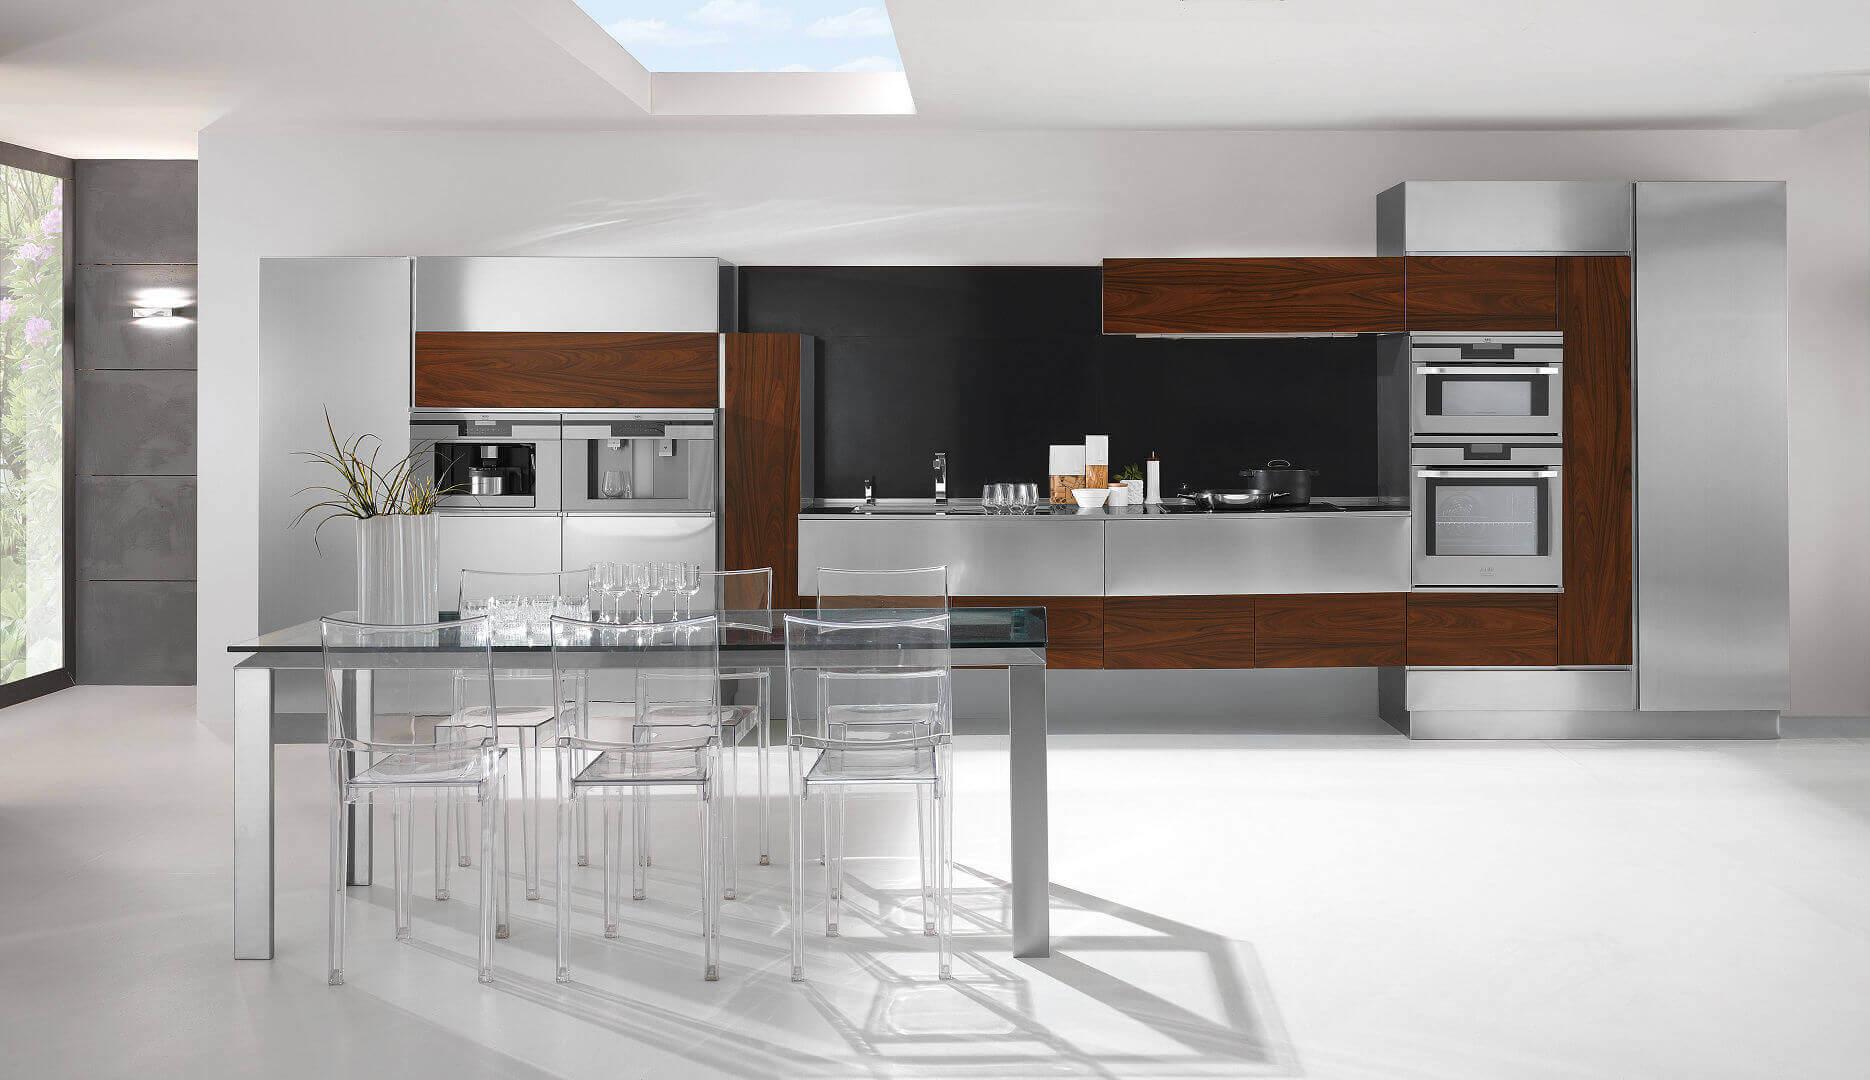 Arca Cucine Italia - Cucine Domestiche in Acciaio Inox - 24 - Retro - 0005